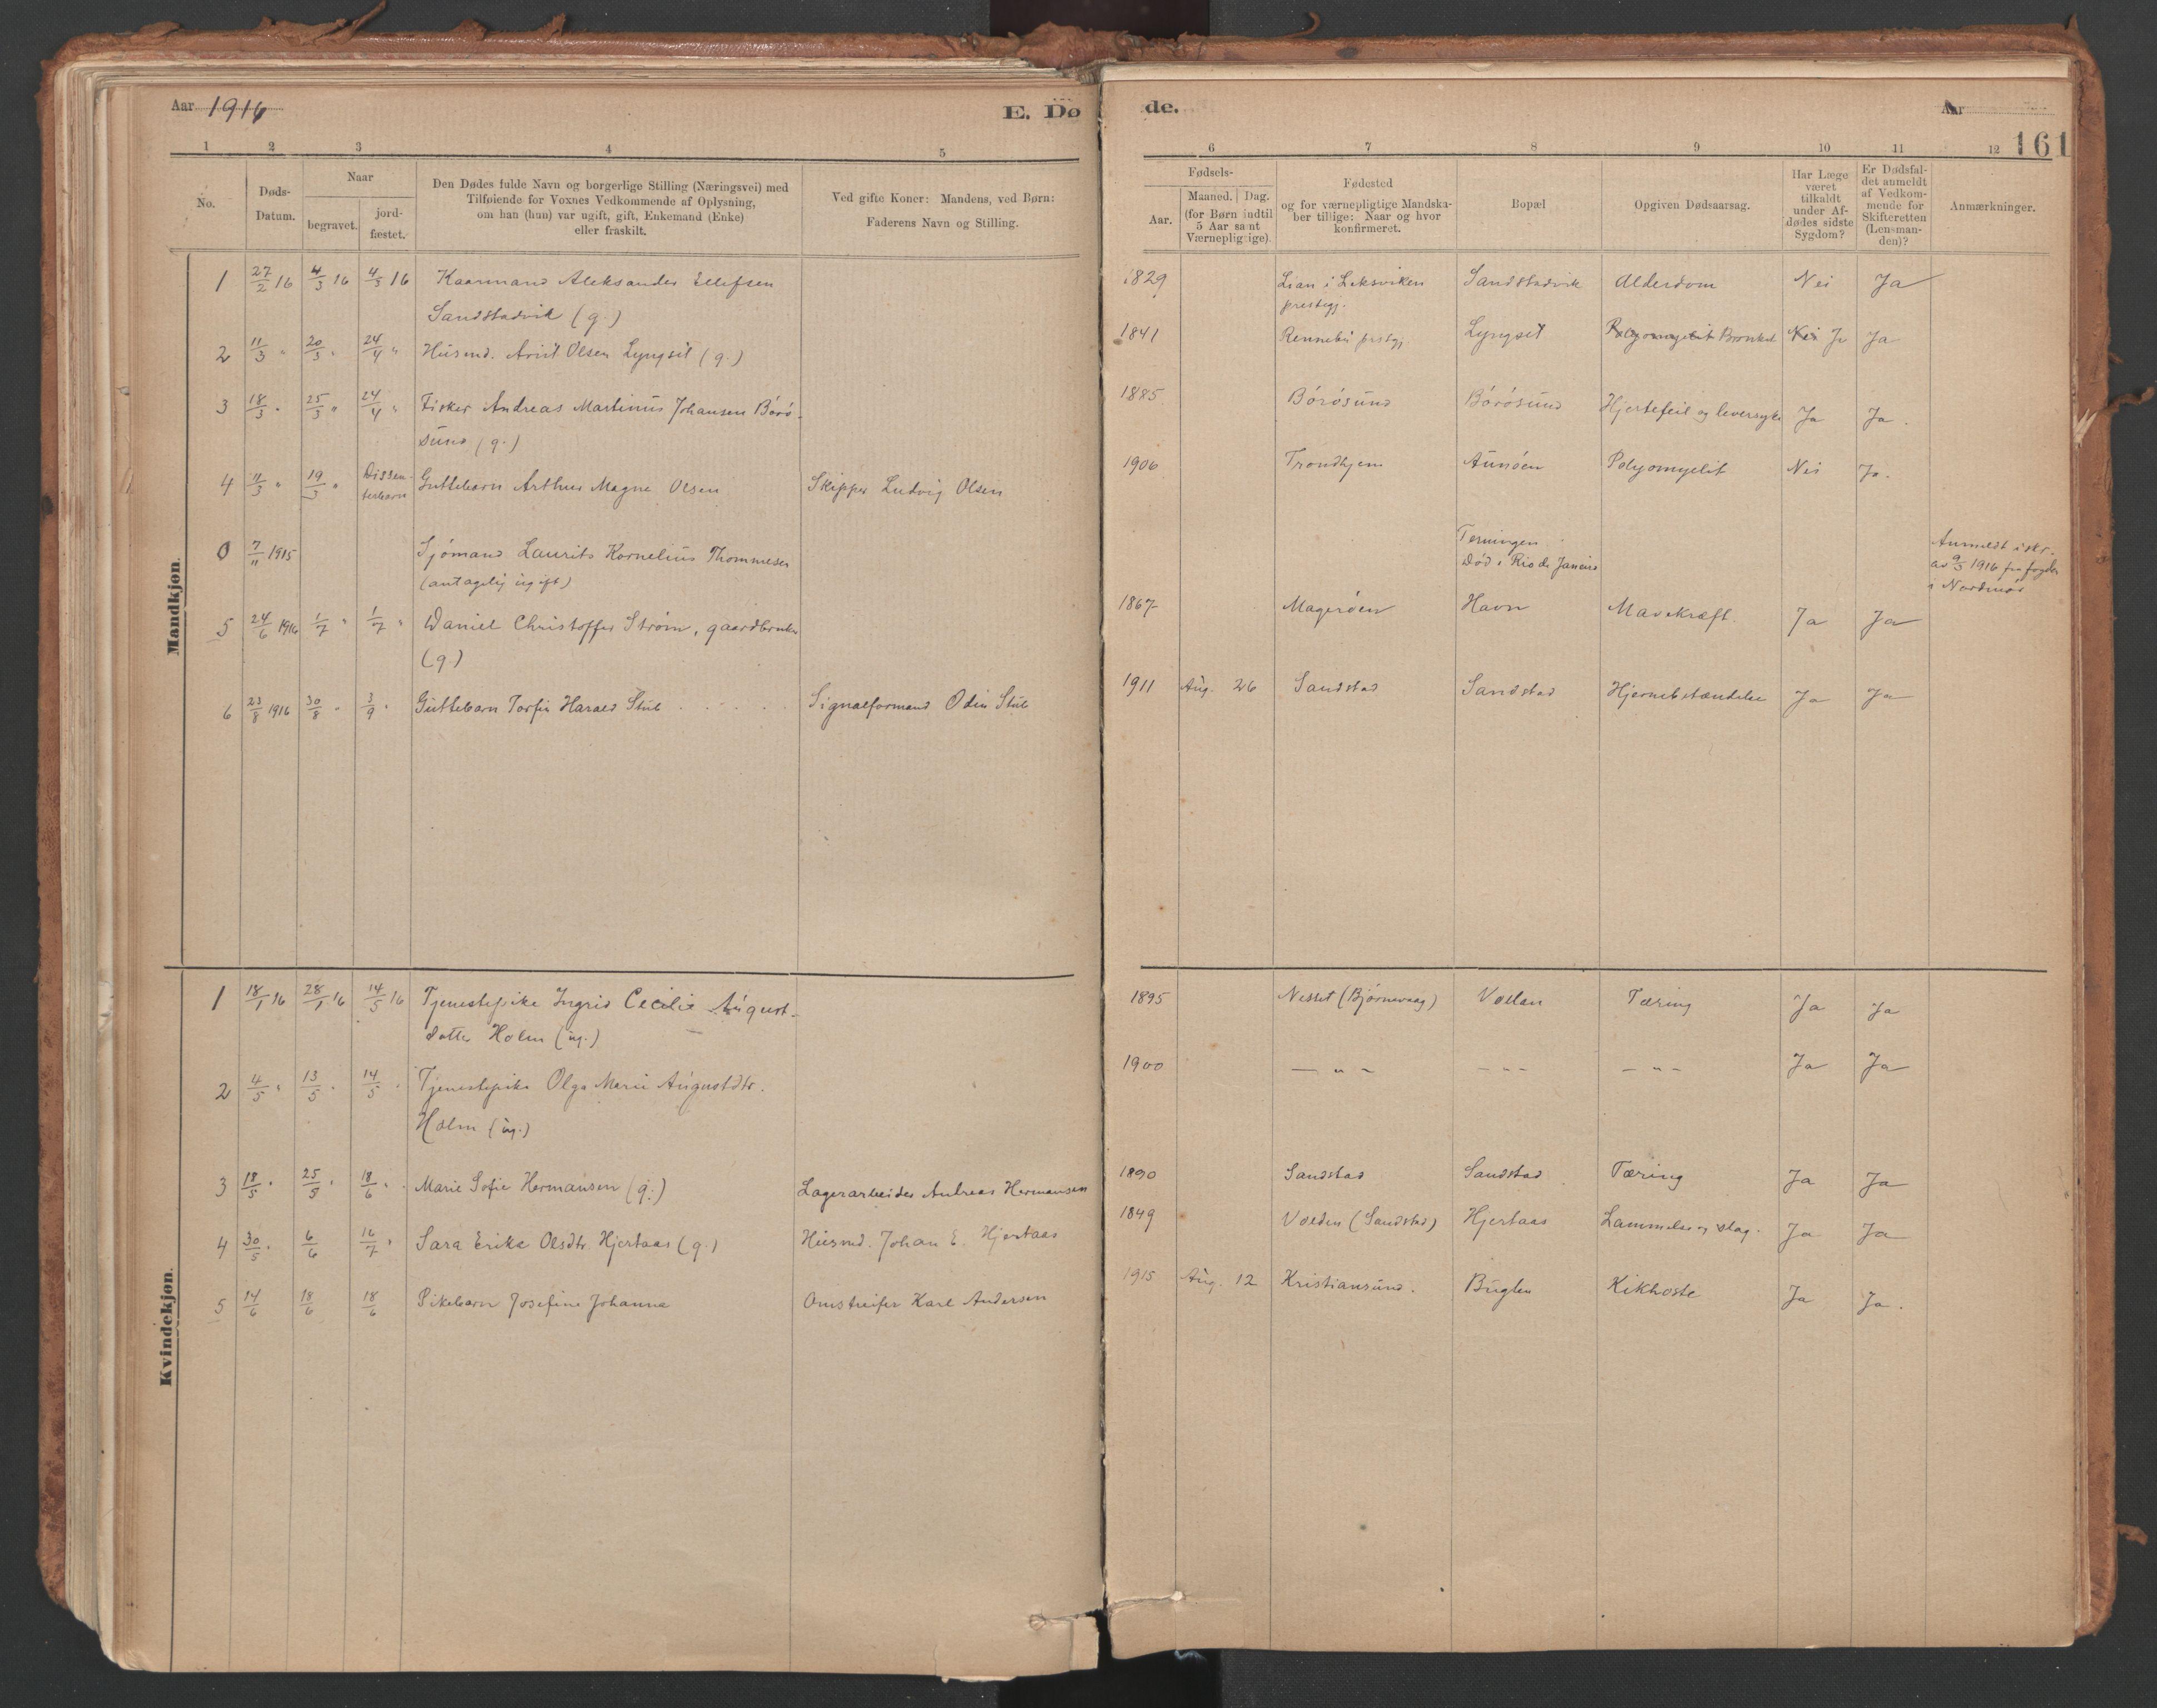 SAT, Ministerialprotokoller, klokkerbøker og fødselsregistre - Sør-Trøndelag, 639/L0572: Ministerialbok nr. 639A01, 1890-1920, s. 161